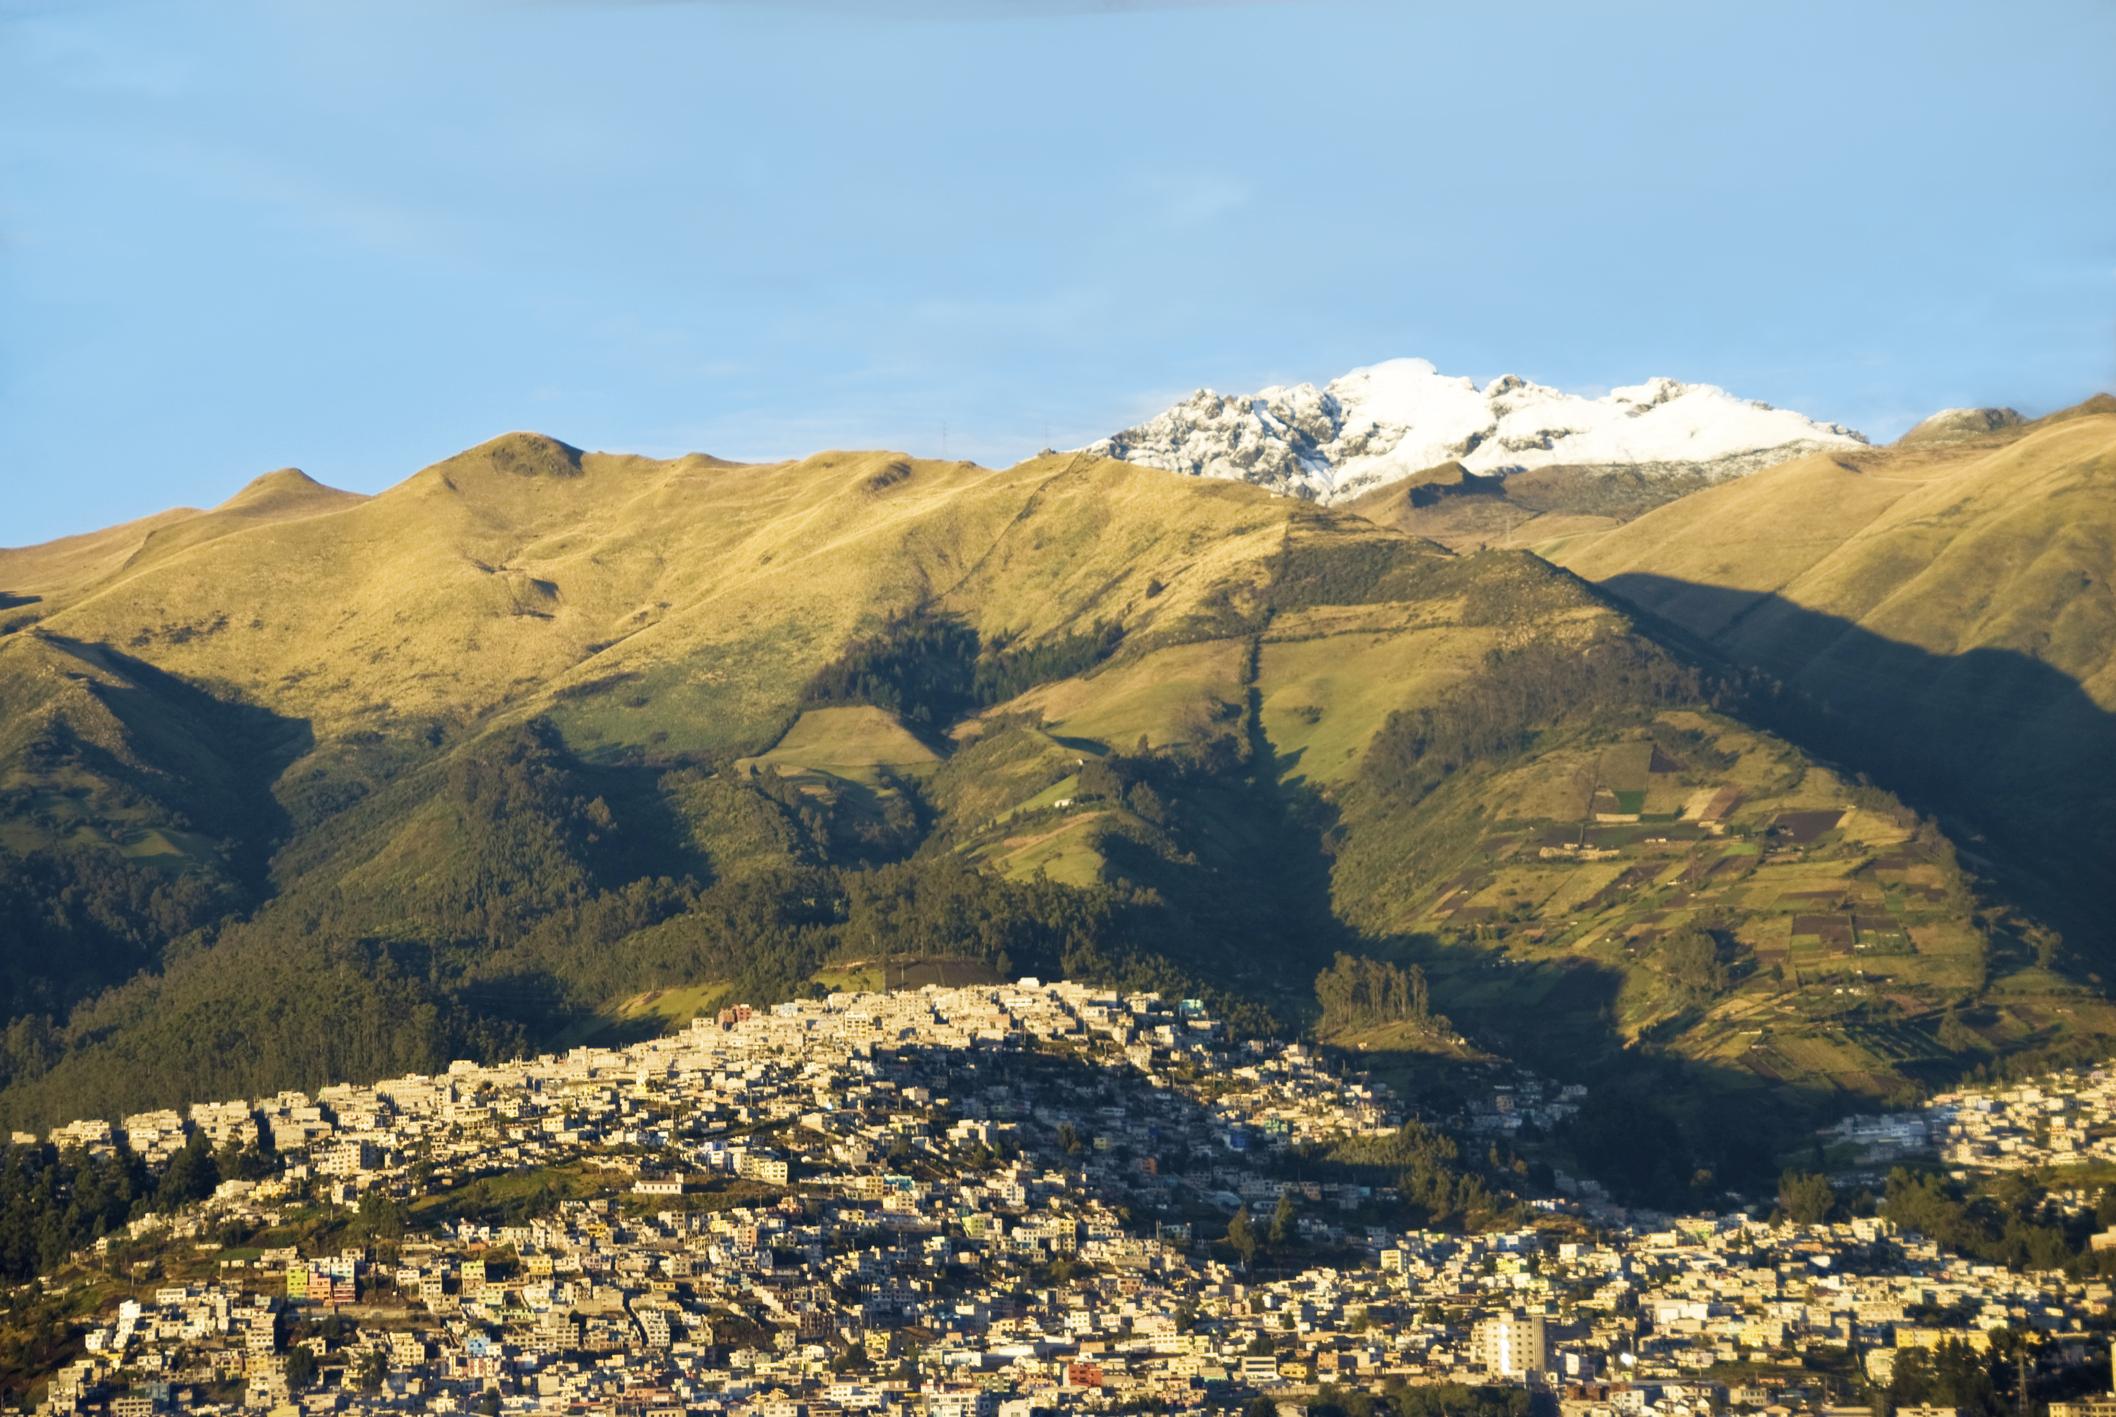 Conquista el cielo de Sudamérica, un paisaje entre volcanes nevados - Ecuador Gran Viaje Descubrimiento del Ecuador